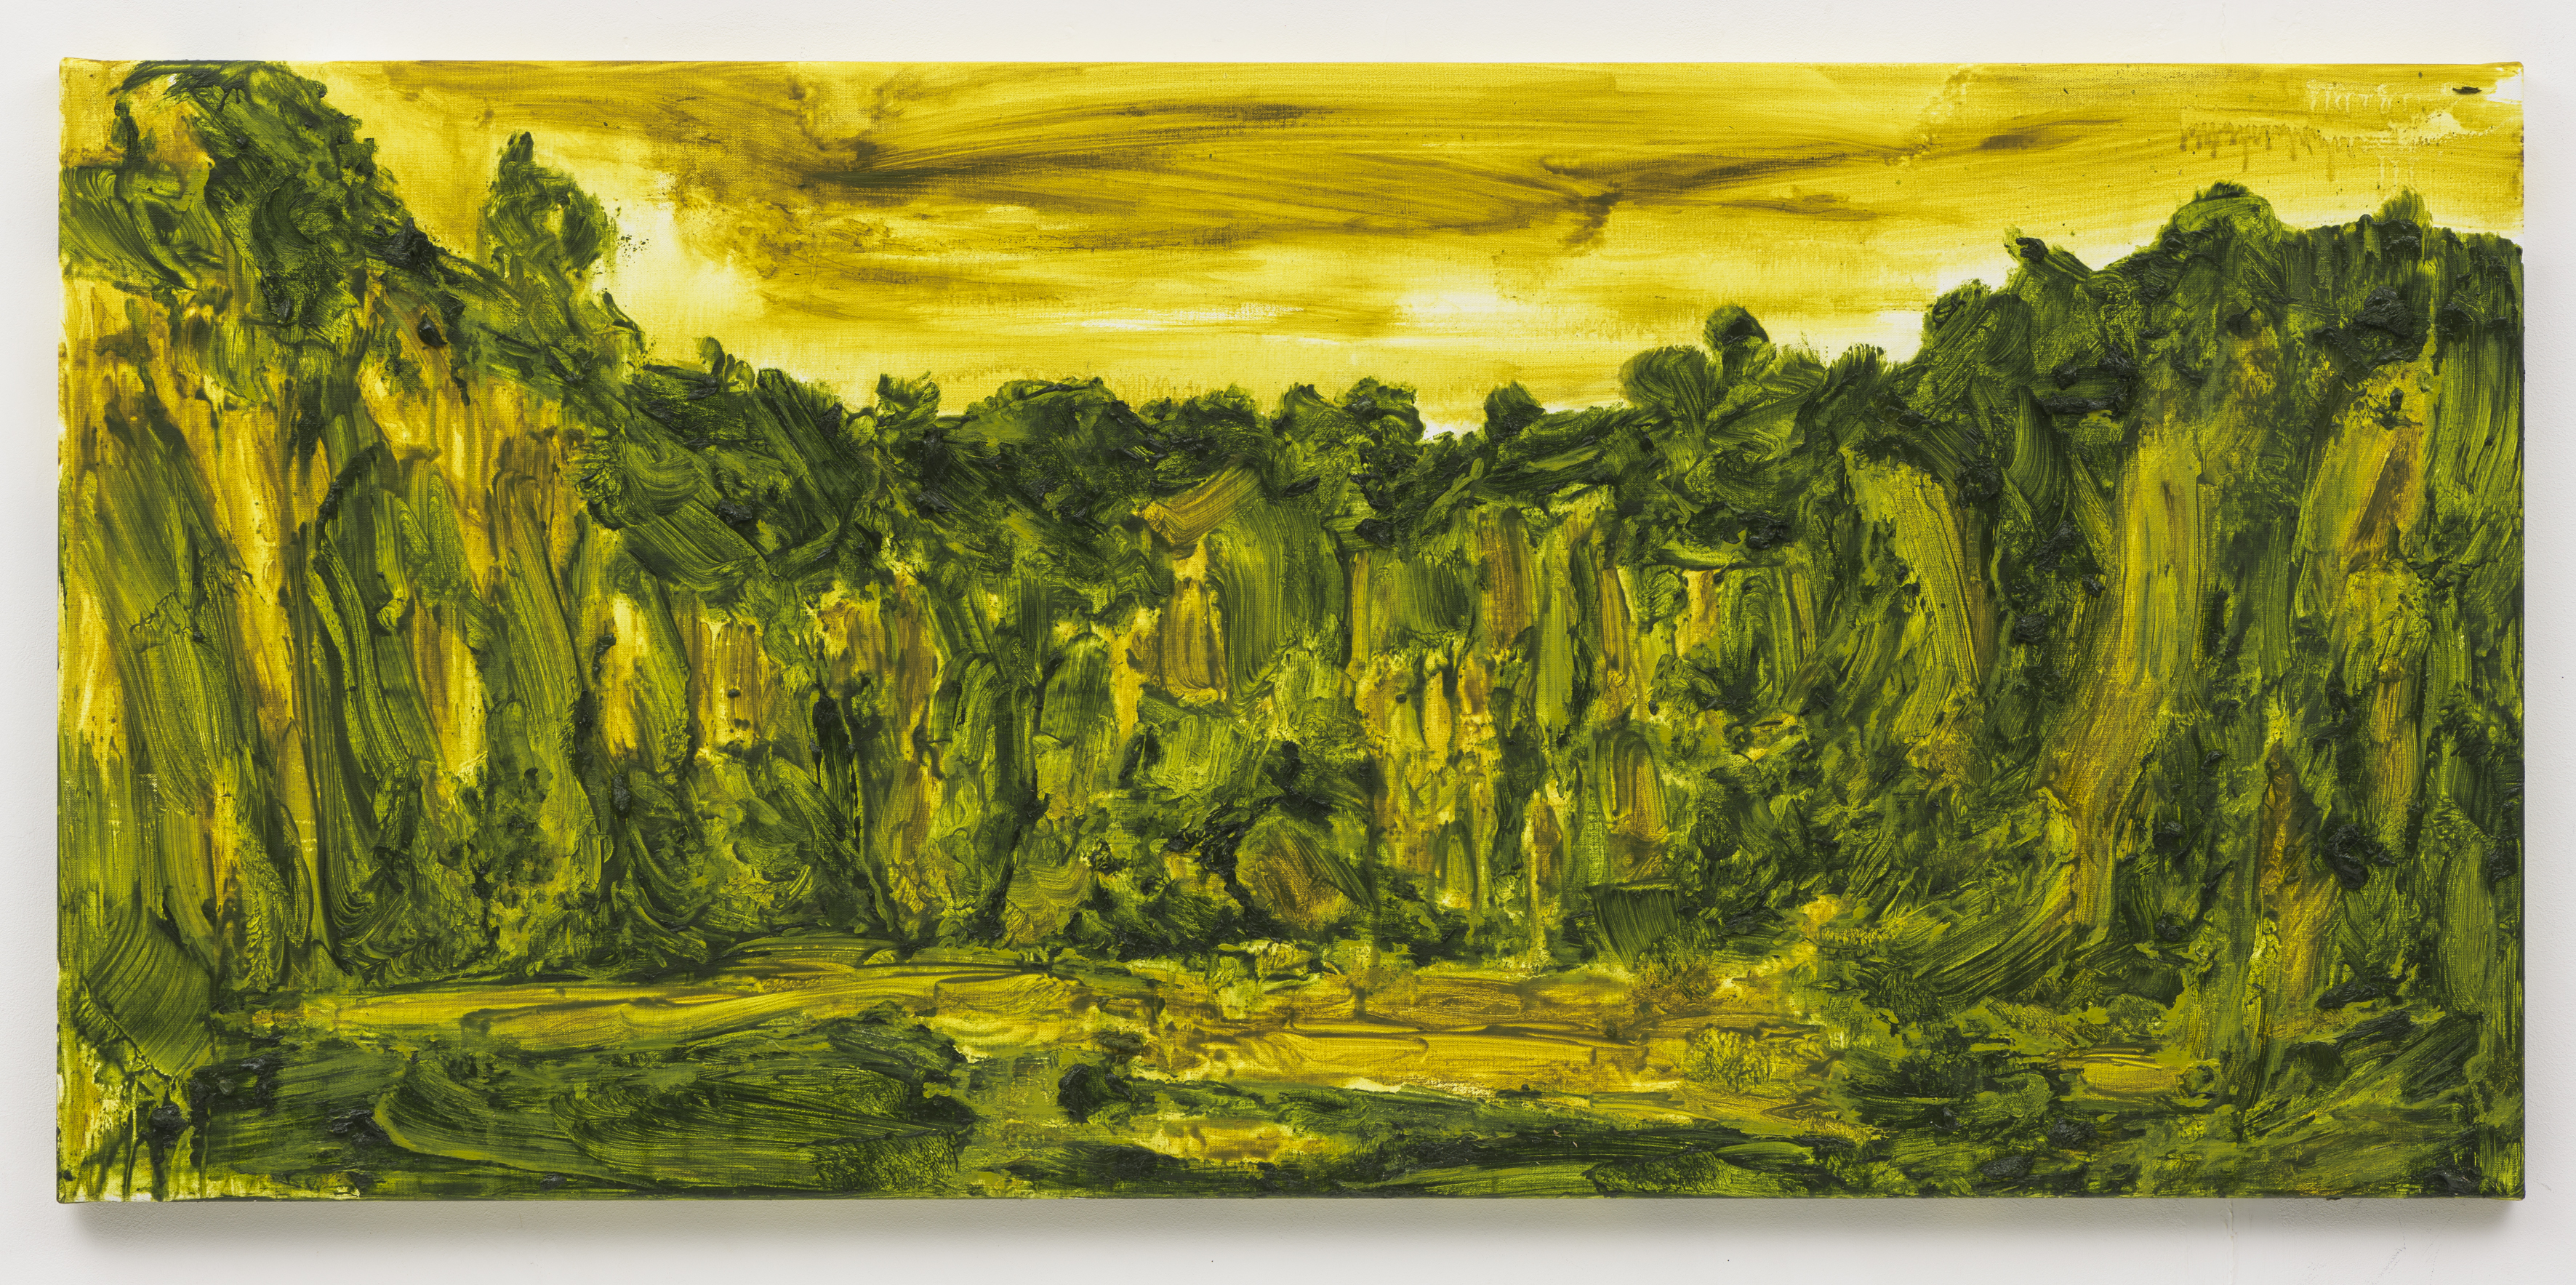 """""""Pedreira dos Passaros"""", 60 x 130 cm., oil on linen 2018 (Portugal)"""